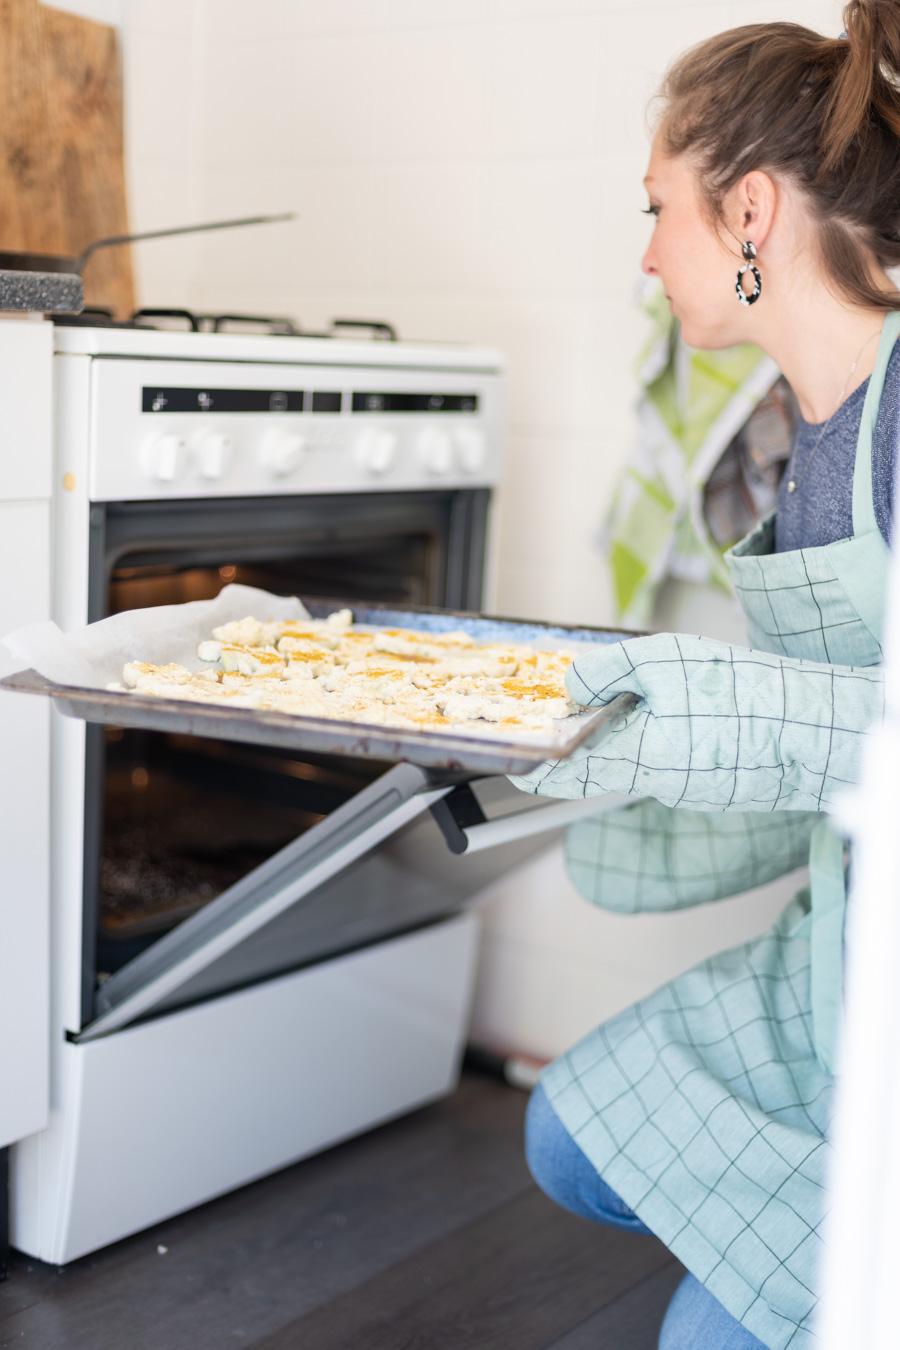 bloemkool grillen in de oven